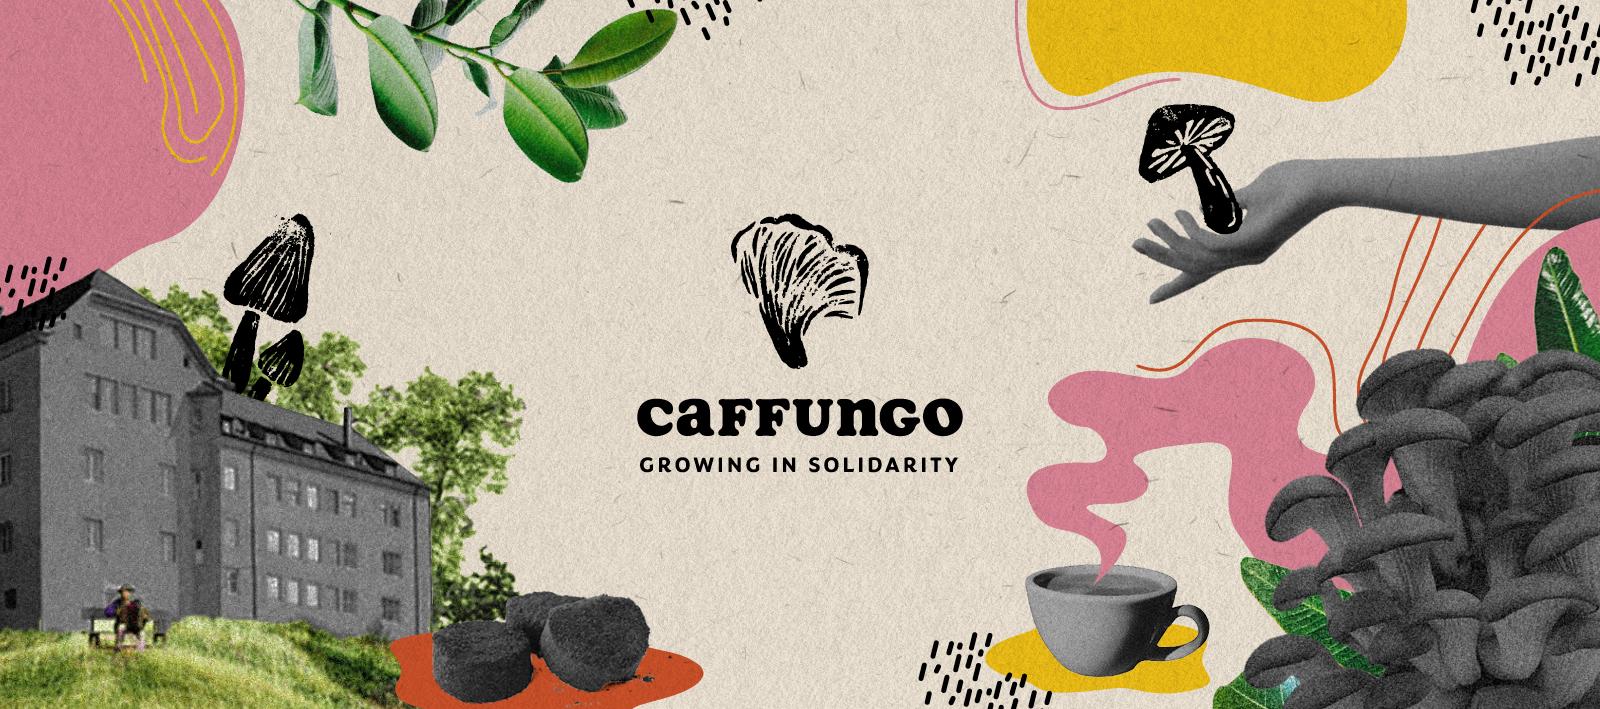 Caffungo